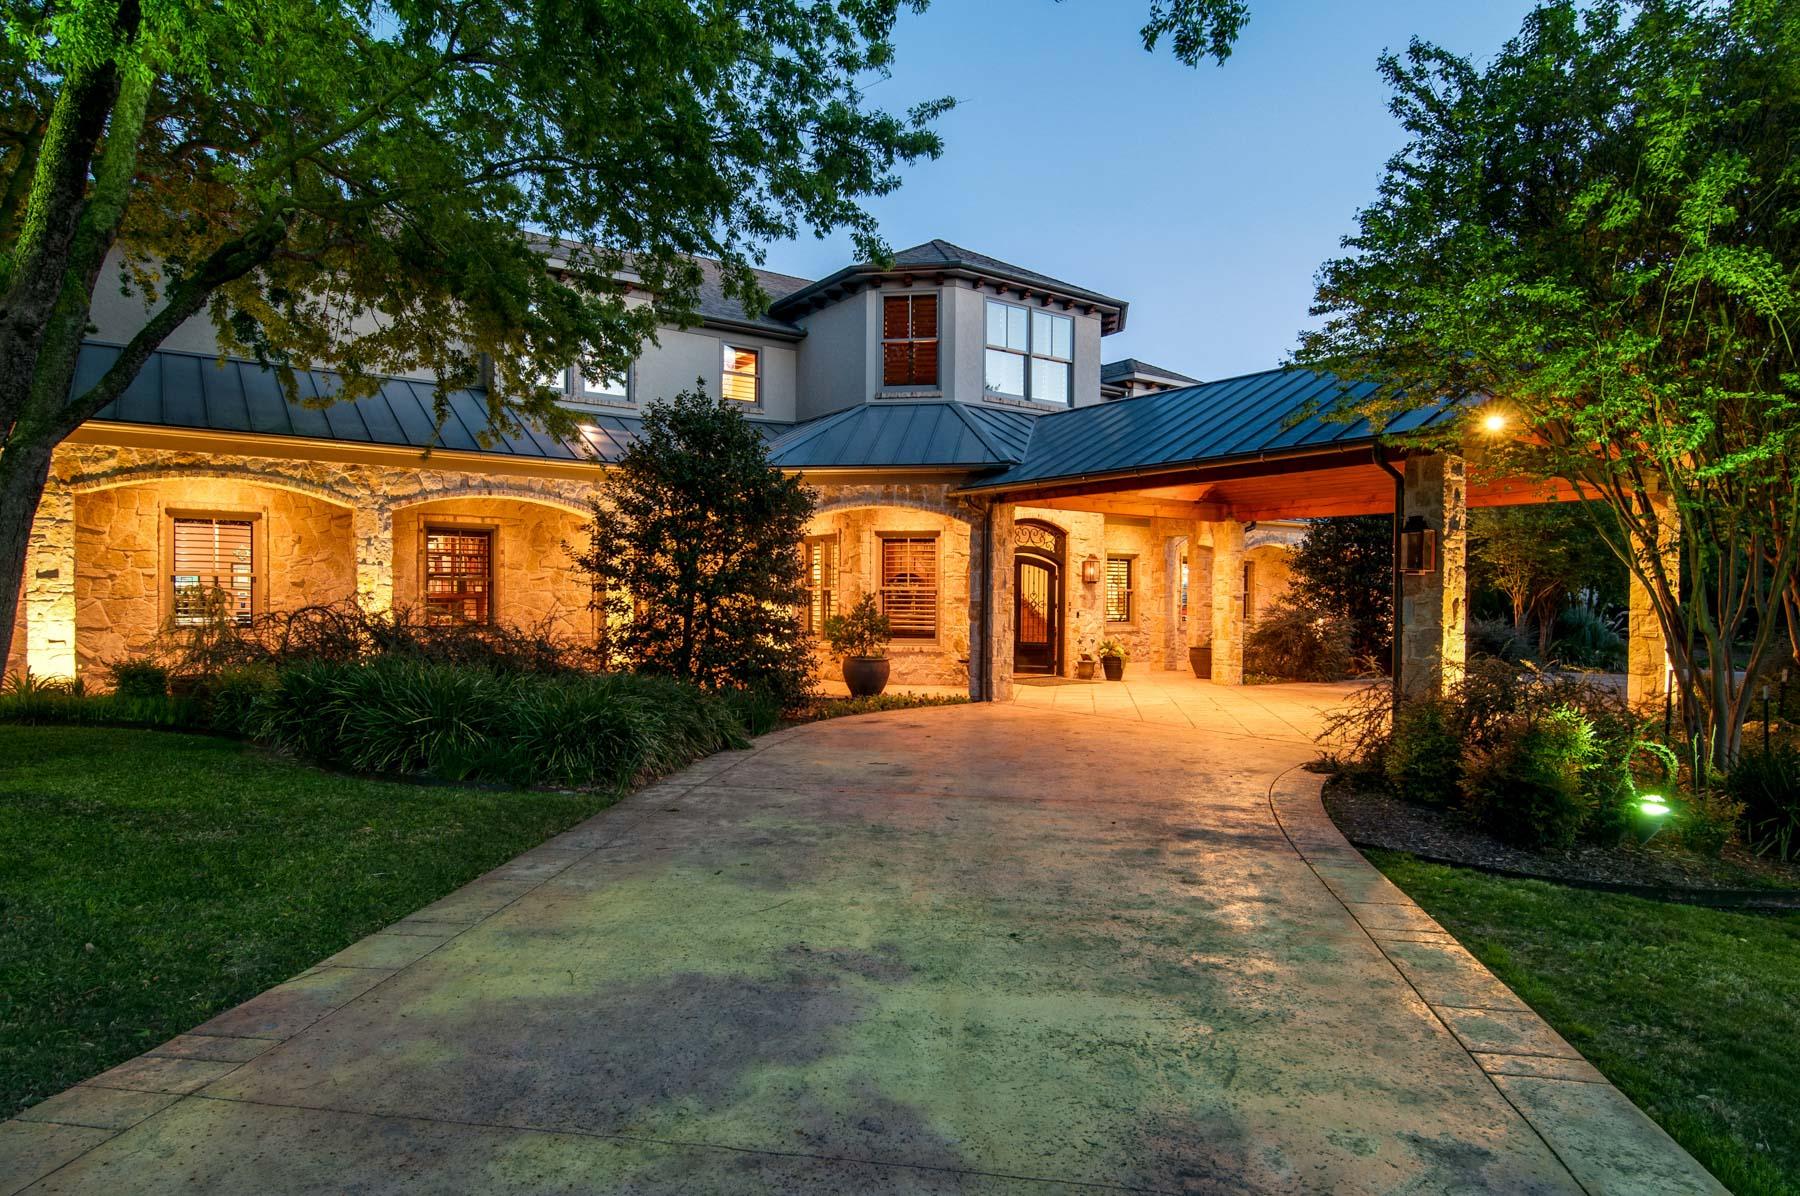 独户住宅 为 销售 在 Extraordinary Frisco Estate 17 Stonebriar Way 弗里斯科, 得克萨斯州, 75034 美国